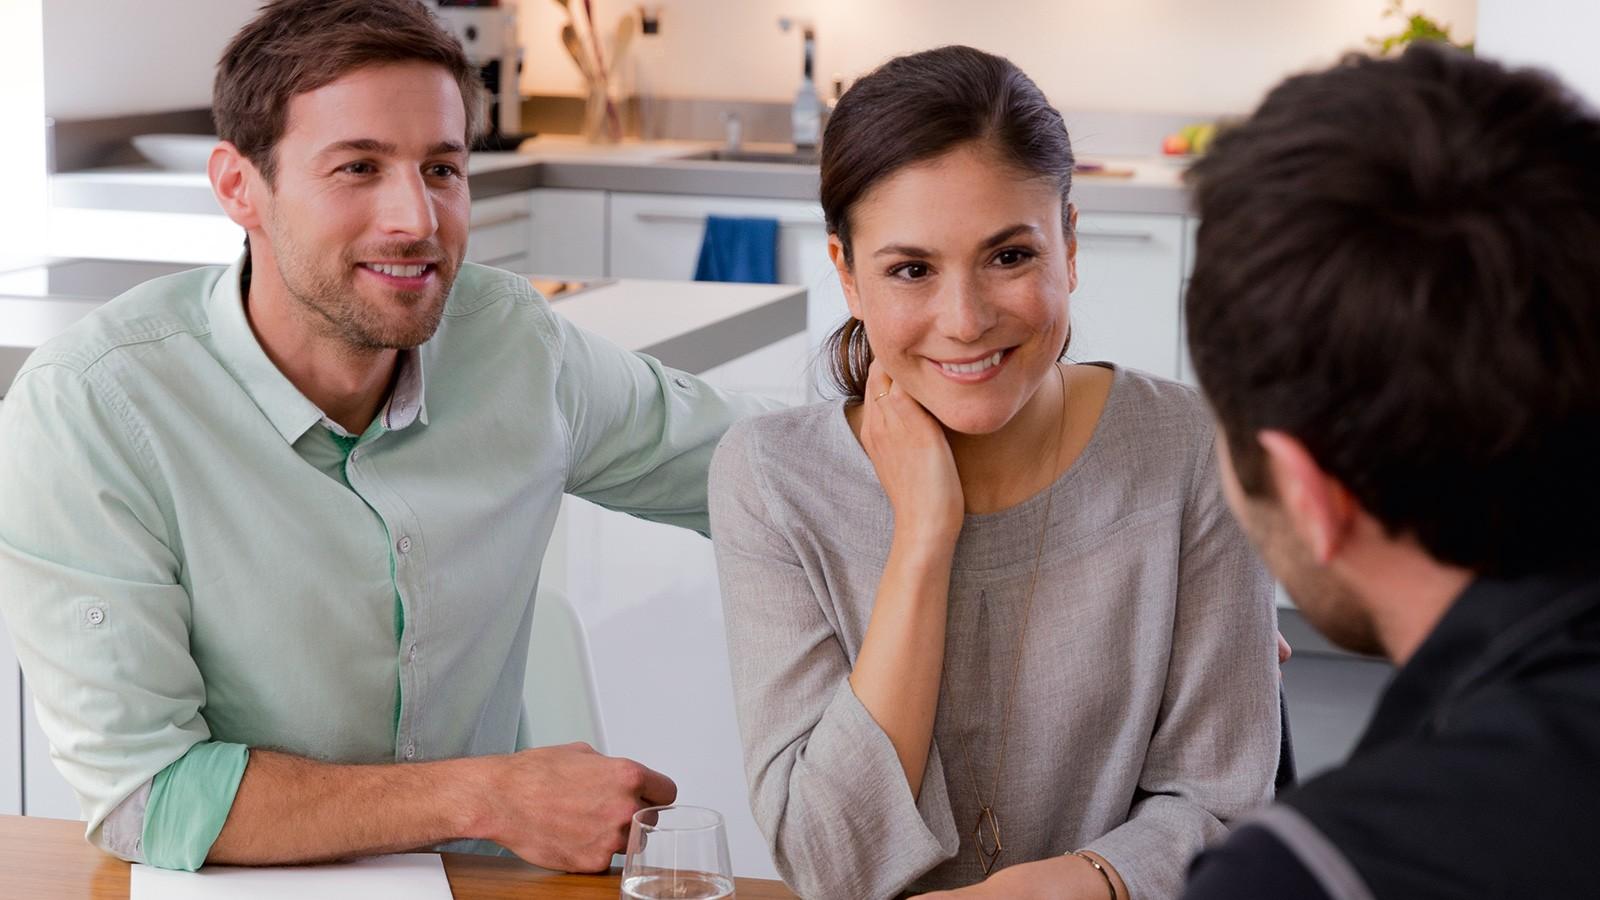 Famiglia avvantaggiata grazie al termostato intelligente digitale EasyControl di Bosch